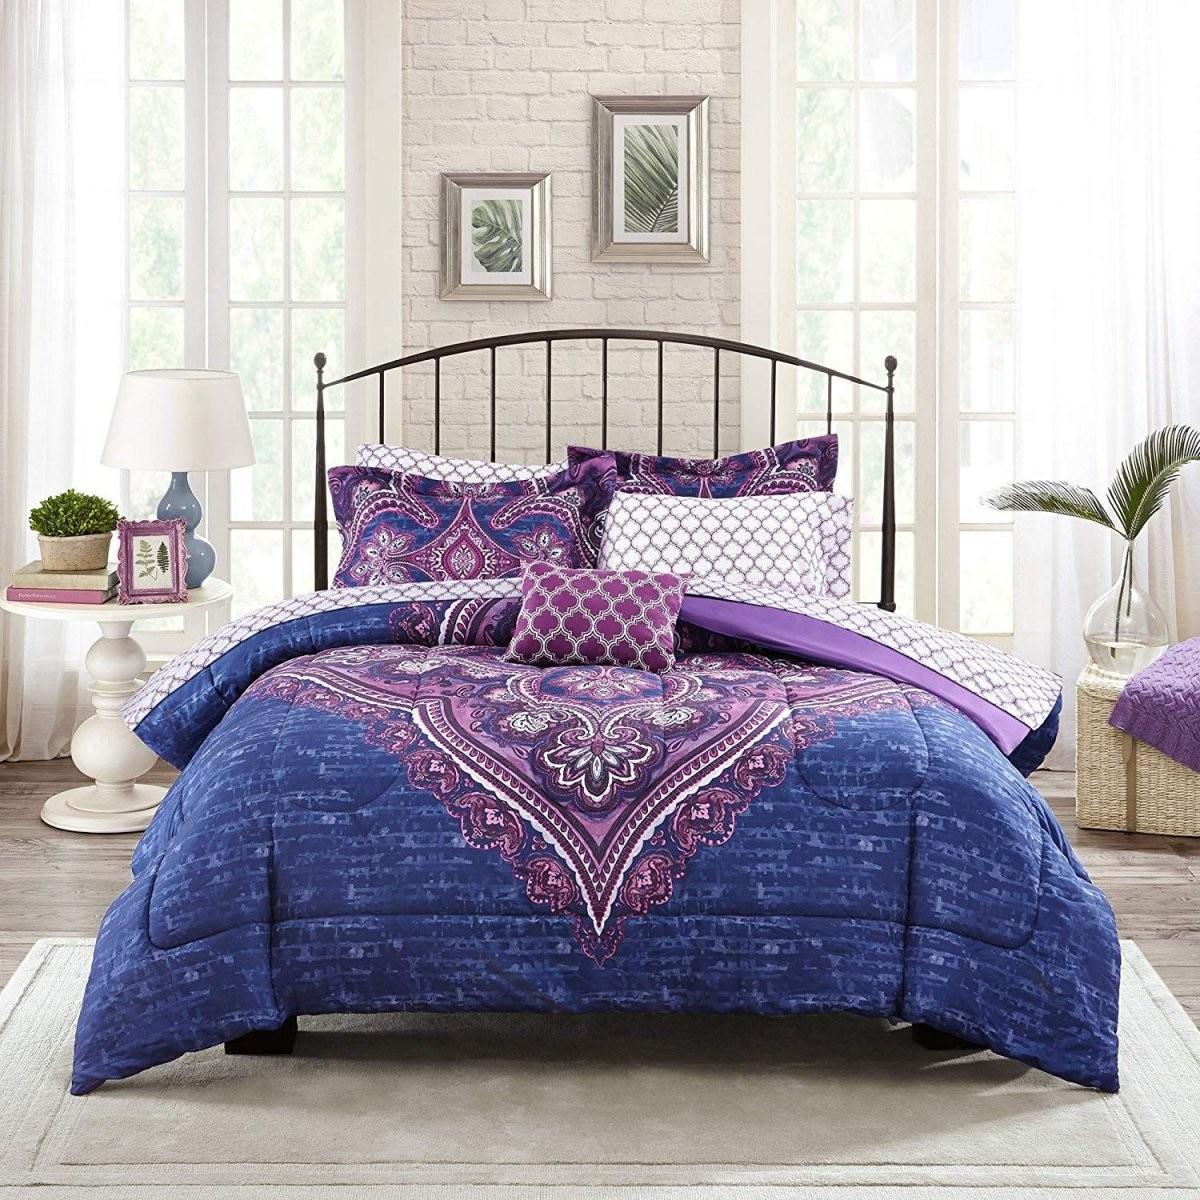 Coole Bettwäsche Sets Dekor Bett  Bett In 2019  Coole Bettwäsche von Coole Bettwäsche Für Teenager Bild